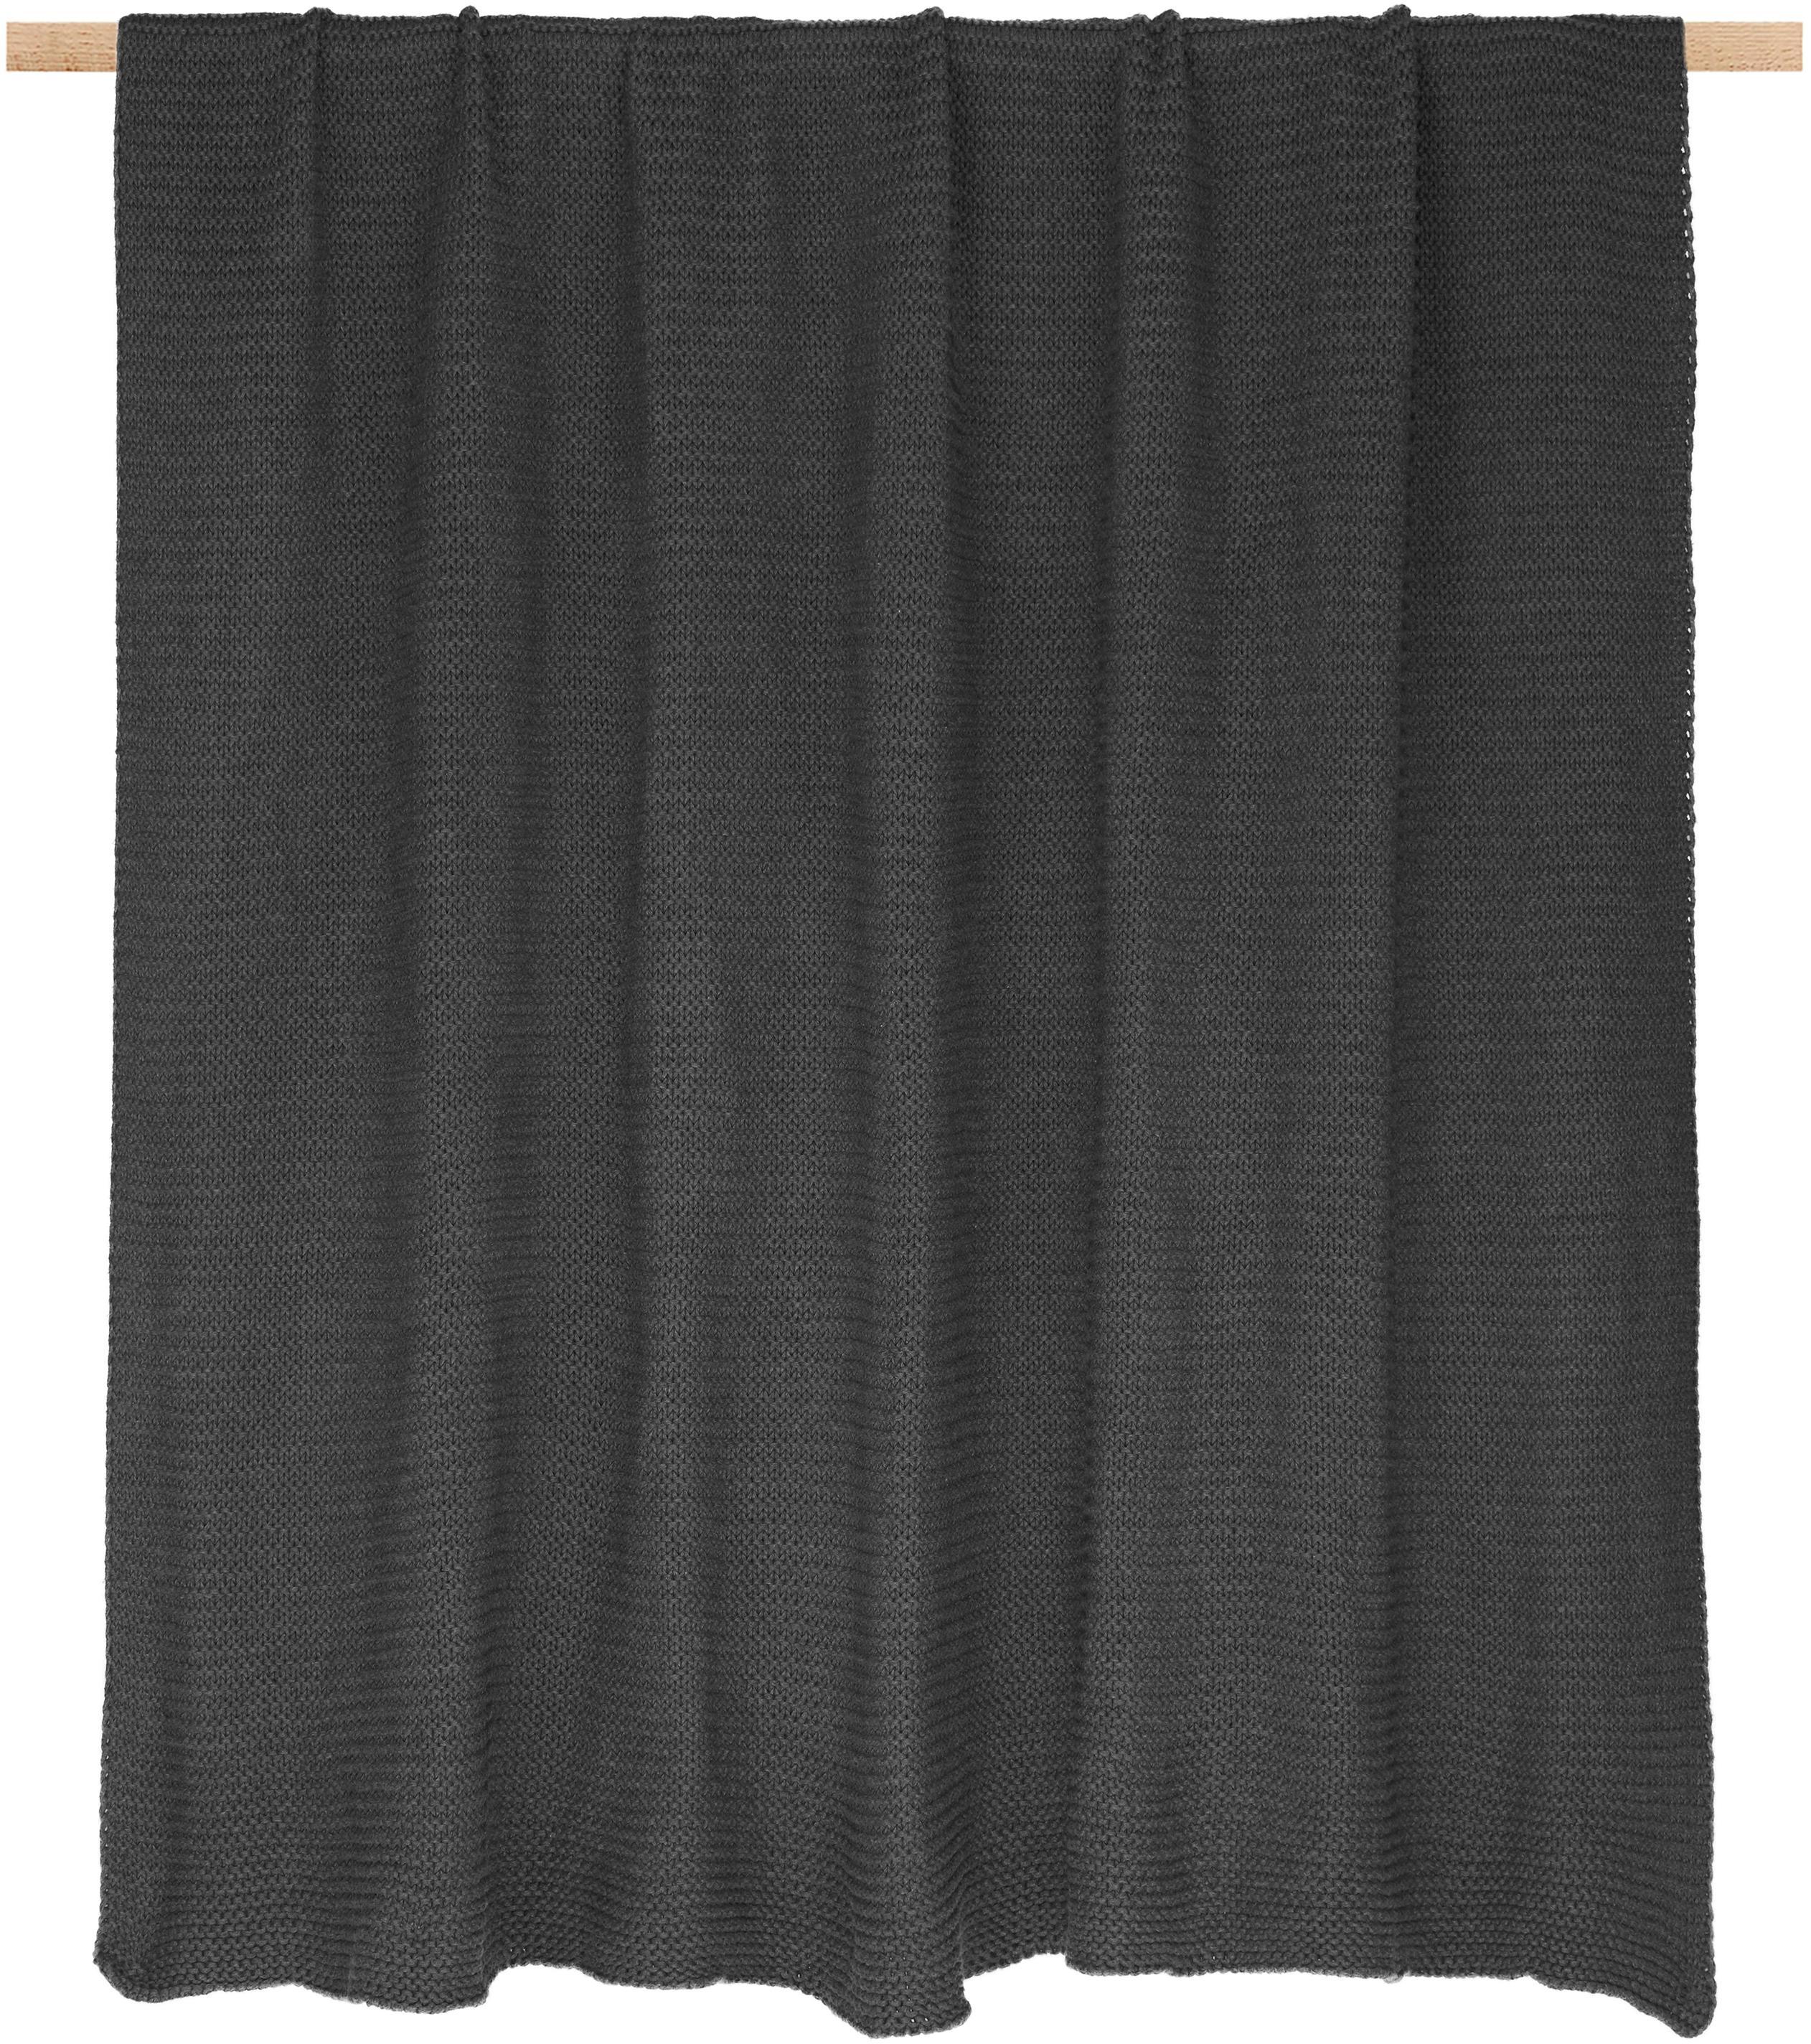 Plaid fatto a maglia Adalyn, 100% cotone, Grigio scuro, Larg. 150 x Lung. 200 cm